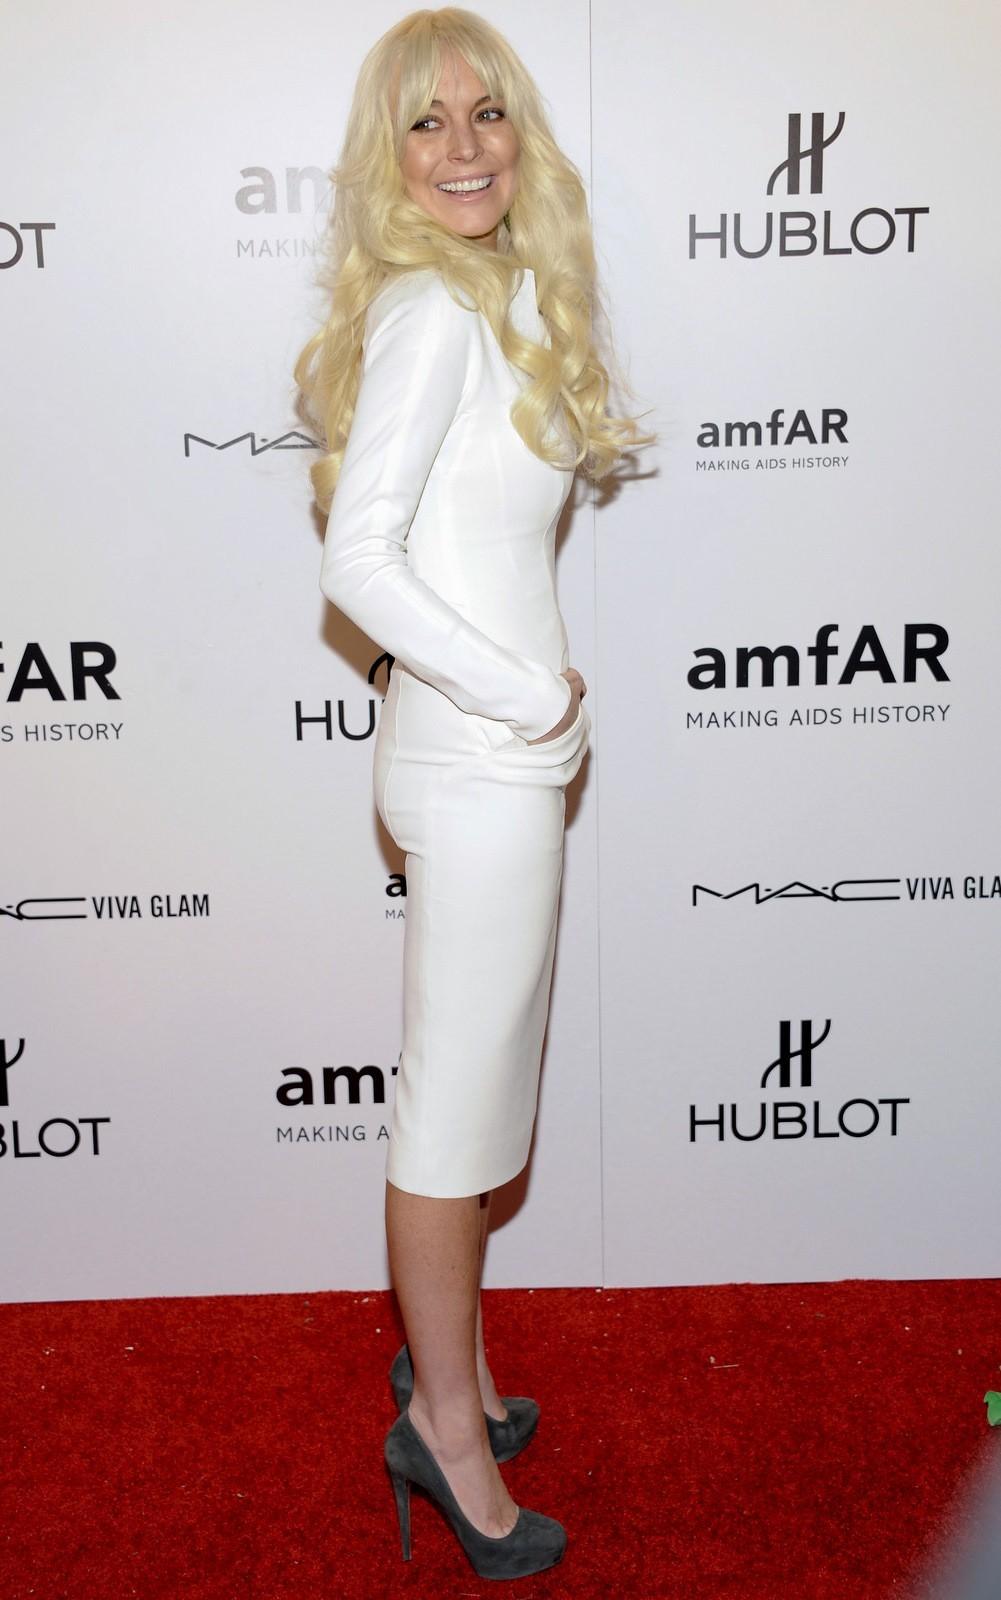 Lindsay Lohan white dress blond hair